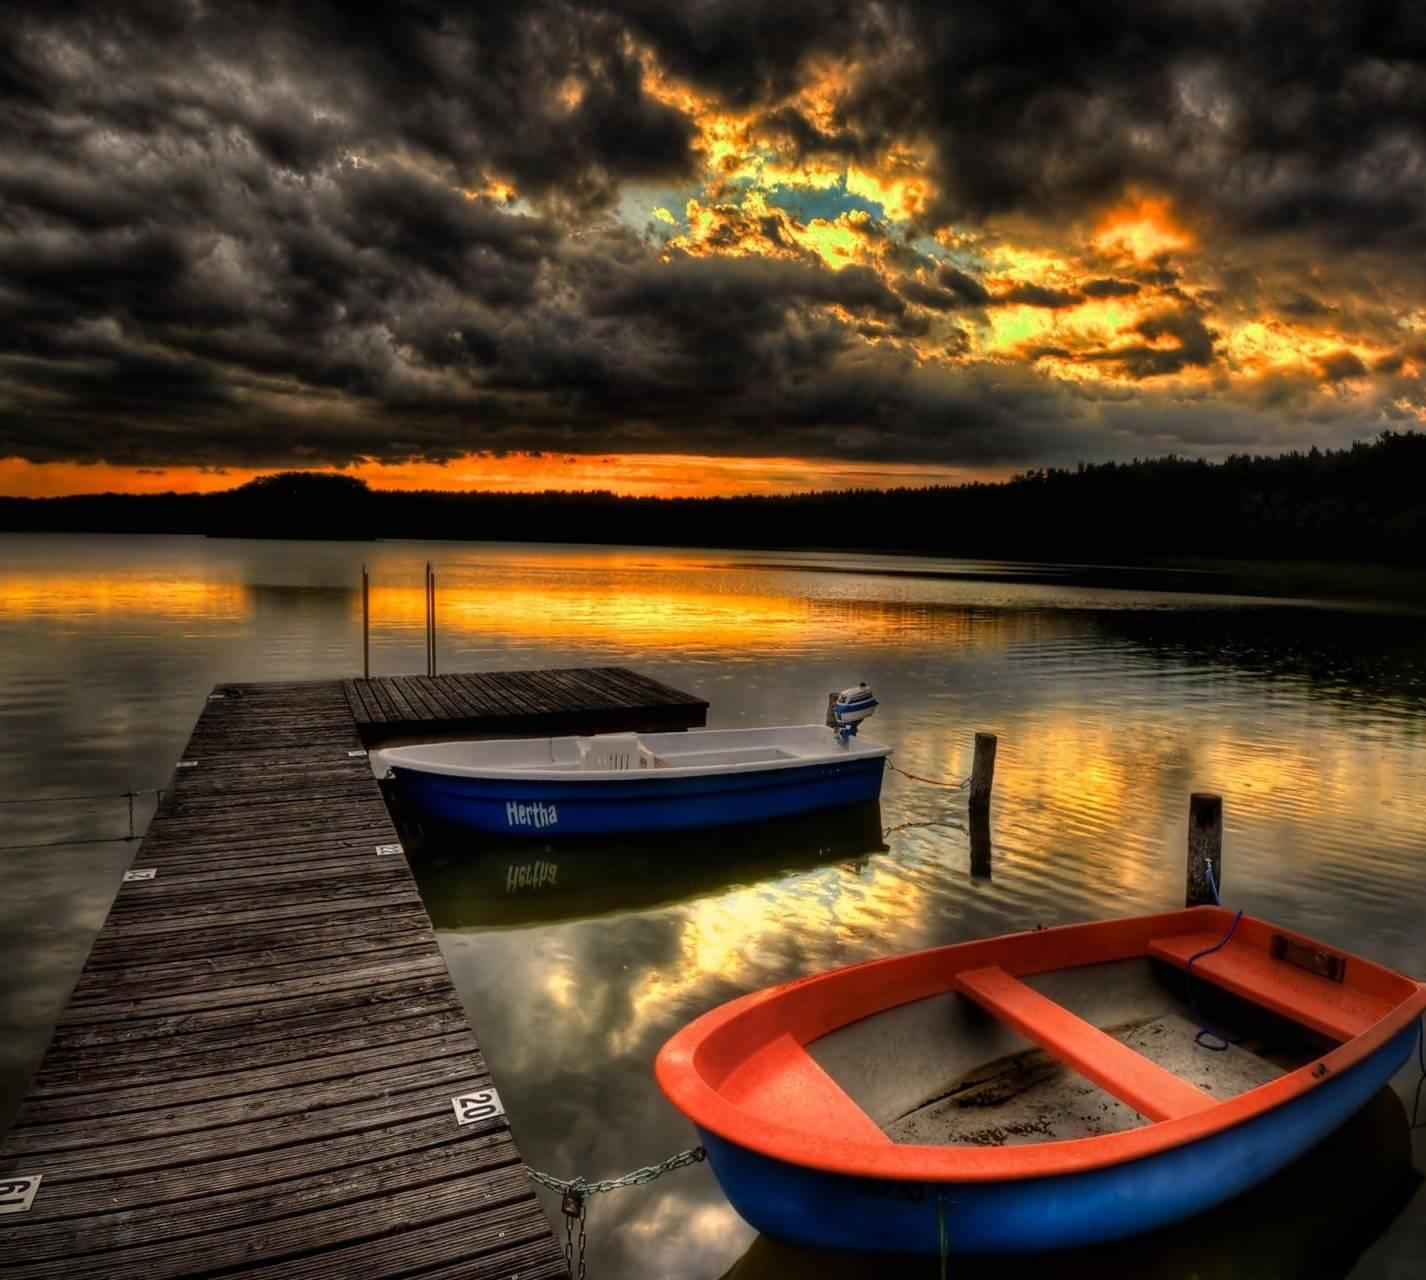 Pier-boats